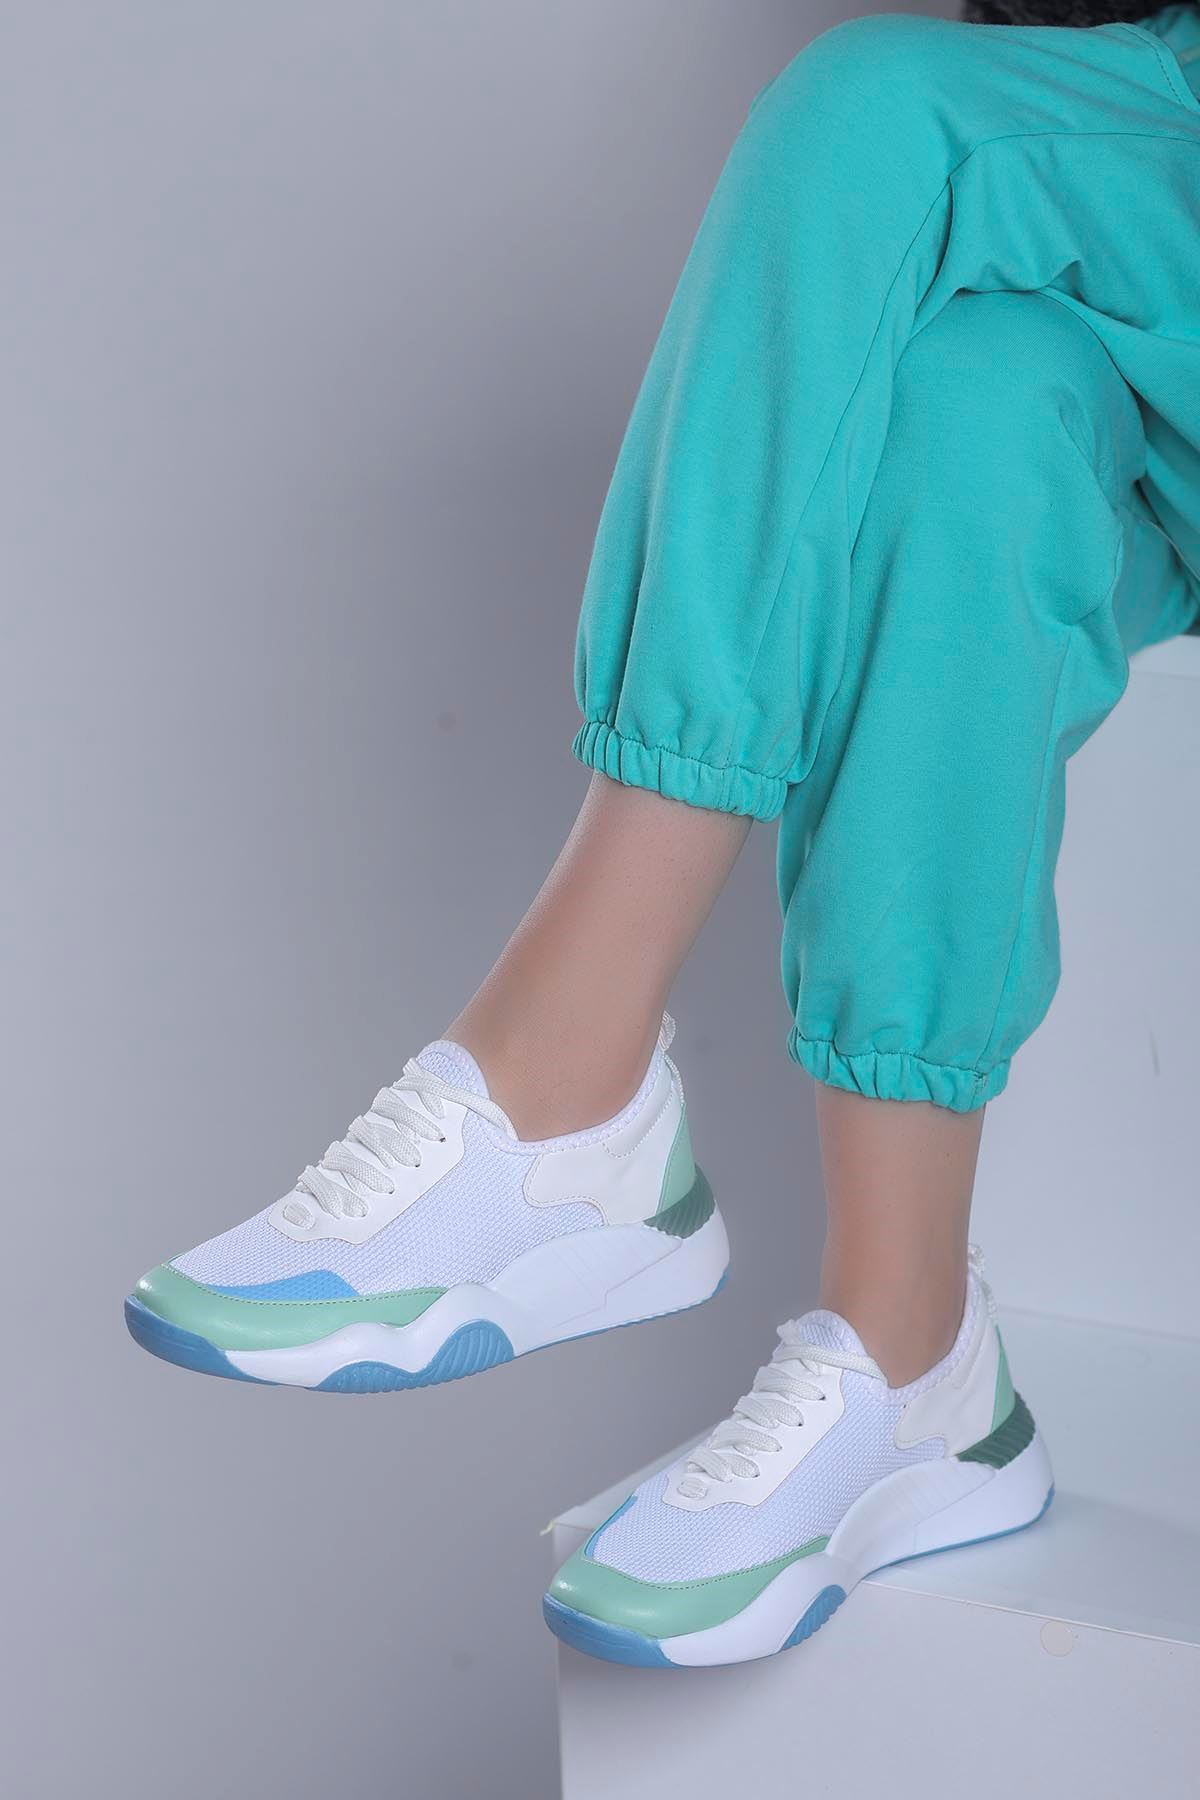 Fiesta Spor Ayakkabı Beyaz Yeşil